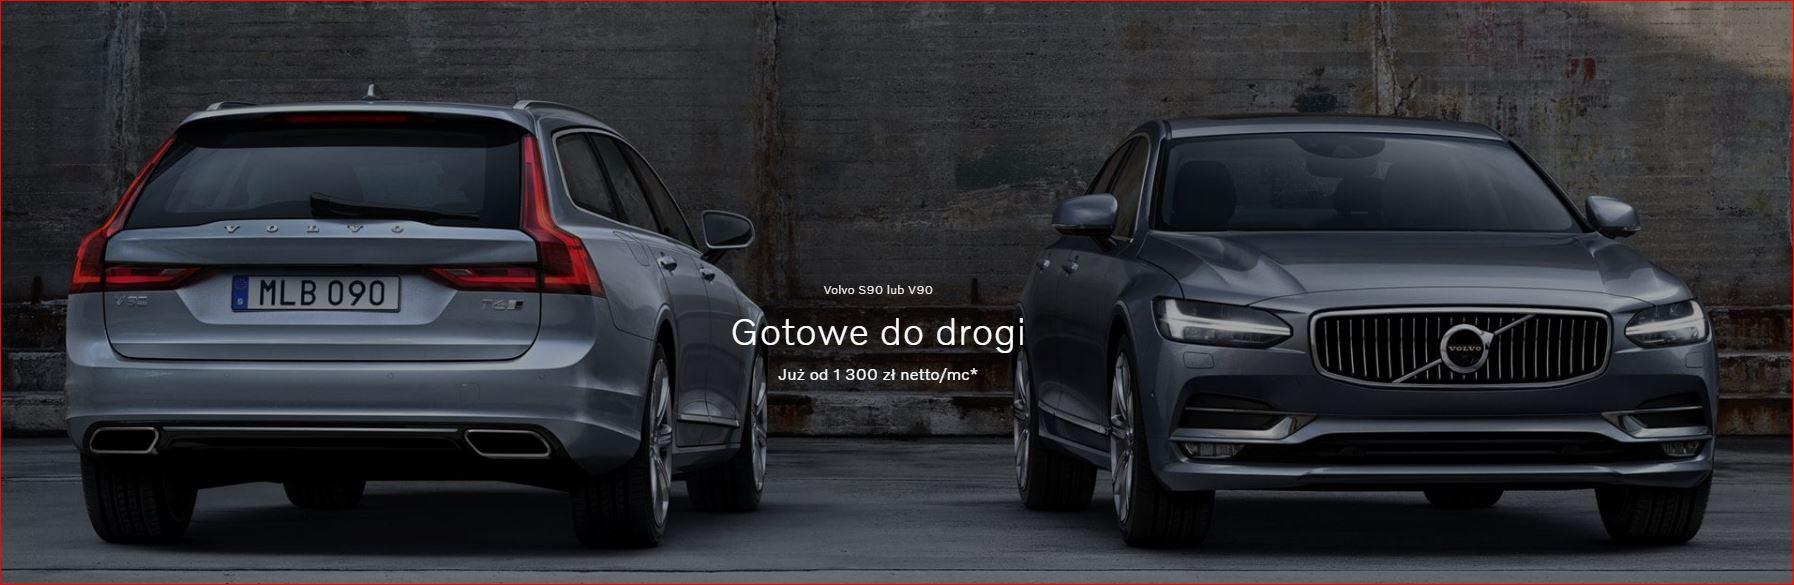 Volvo S90 lub V90 w leasingu 100 lub 101% 6